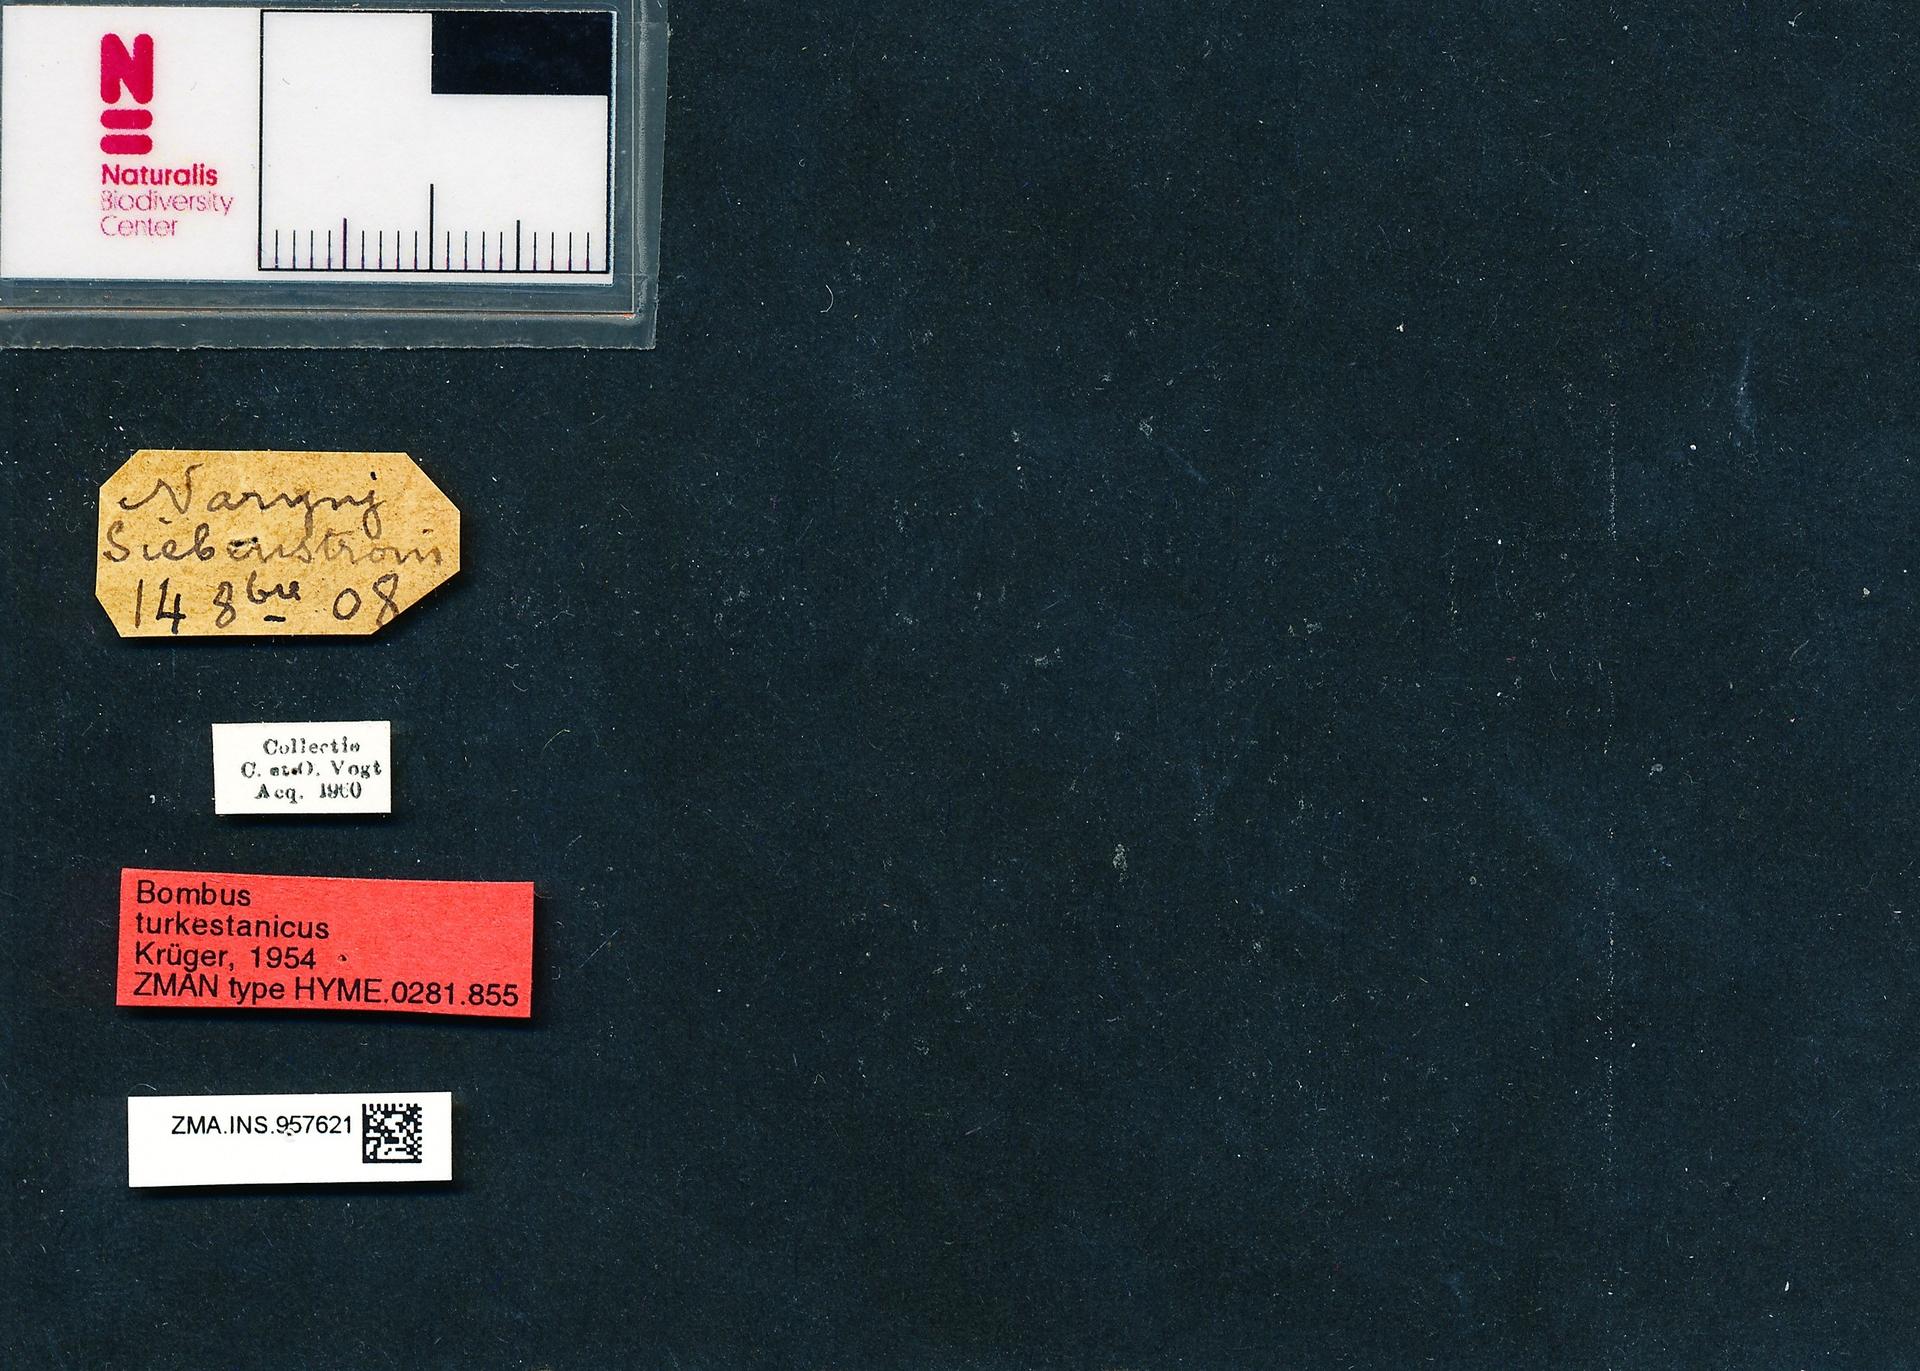 ZMA.INS.957621 | Bombus (Bombus s.s.) magnus turkestanicus Krüger, 1954